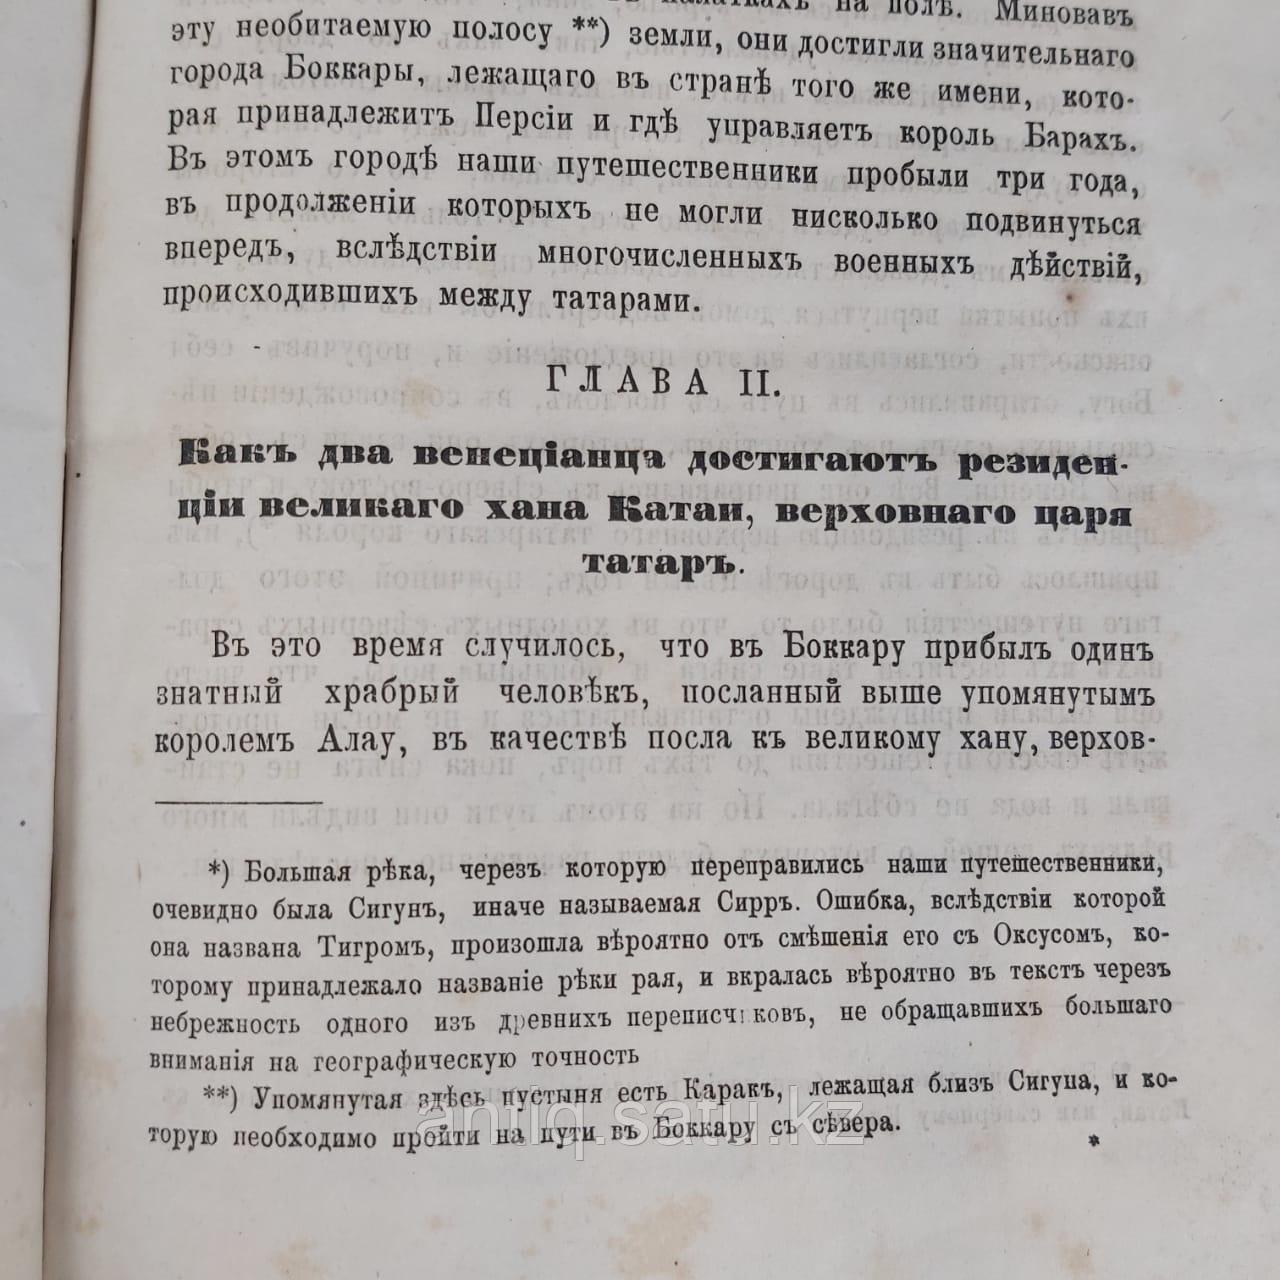 Путешествие в 1286 году по Татарии и другим странам Востока венецианского дворянина Марко Поло. - фото 4